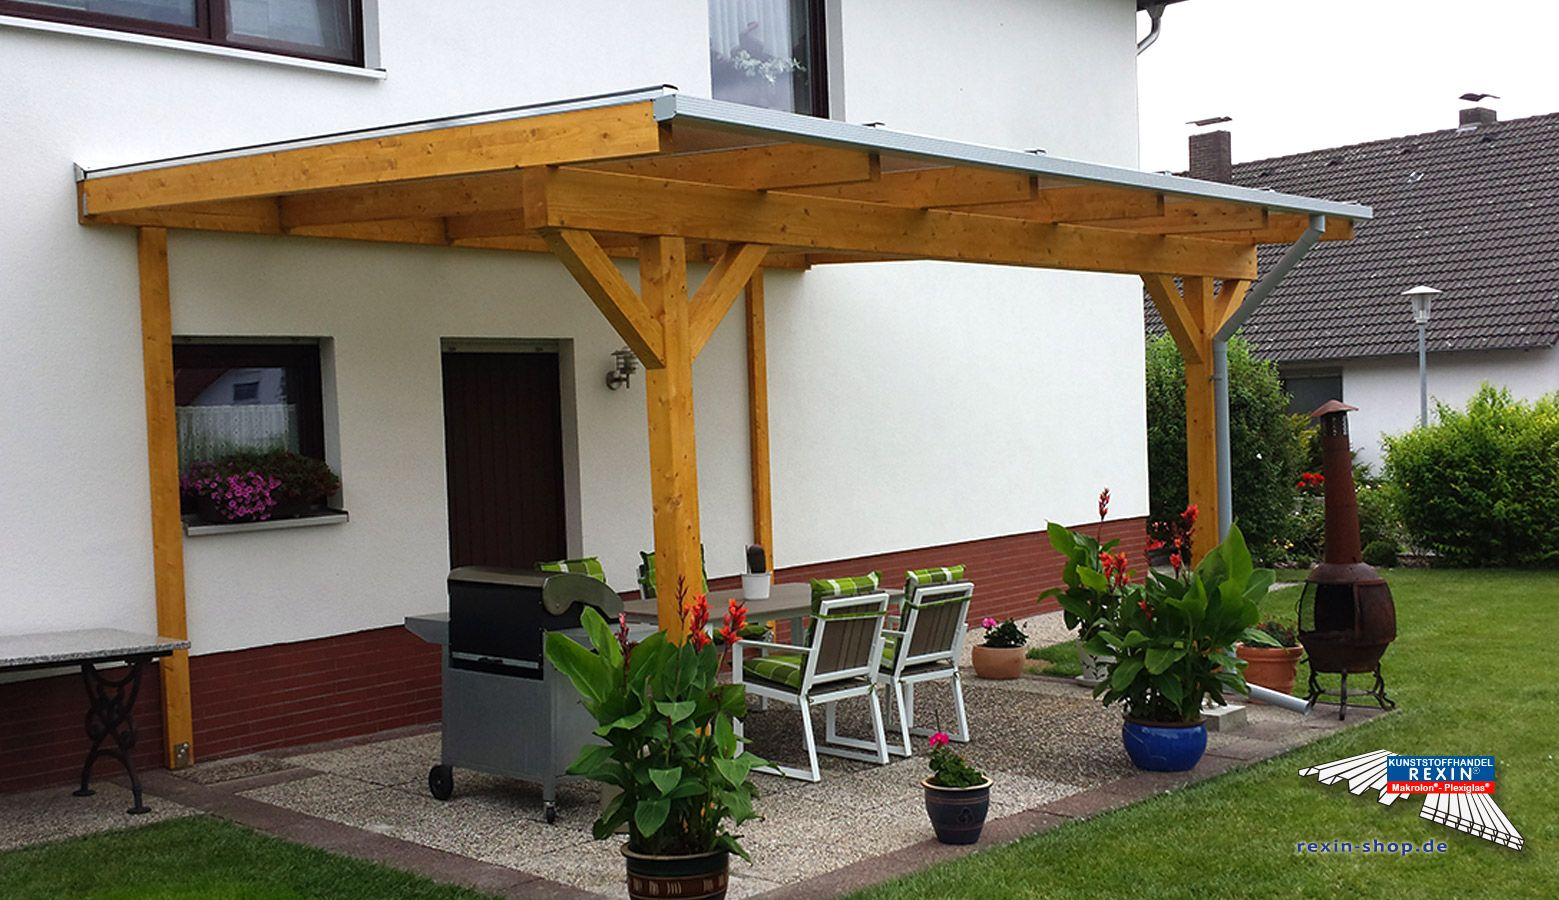 Ein HolzTerrassendach der Marke 5m x 4m mit